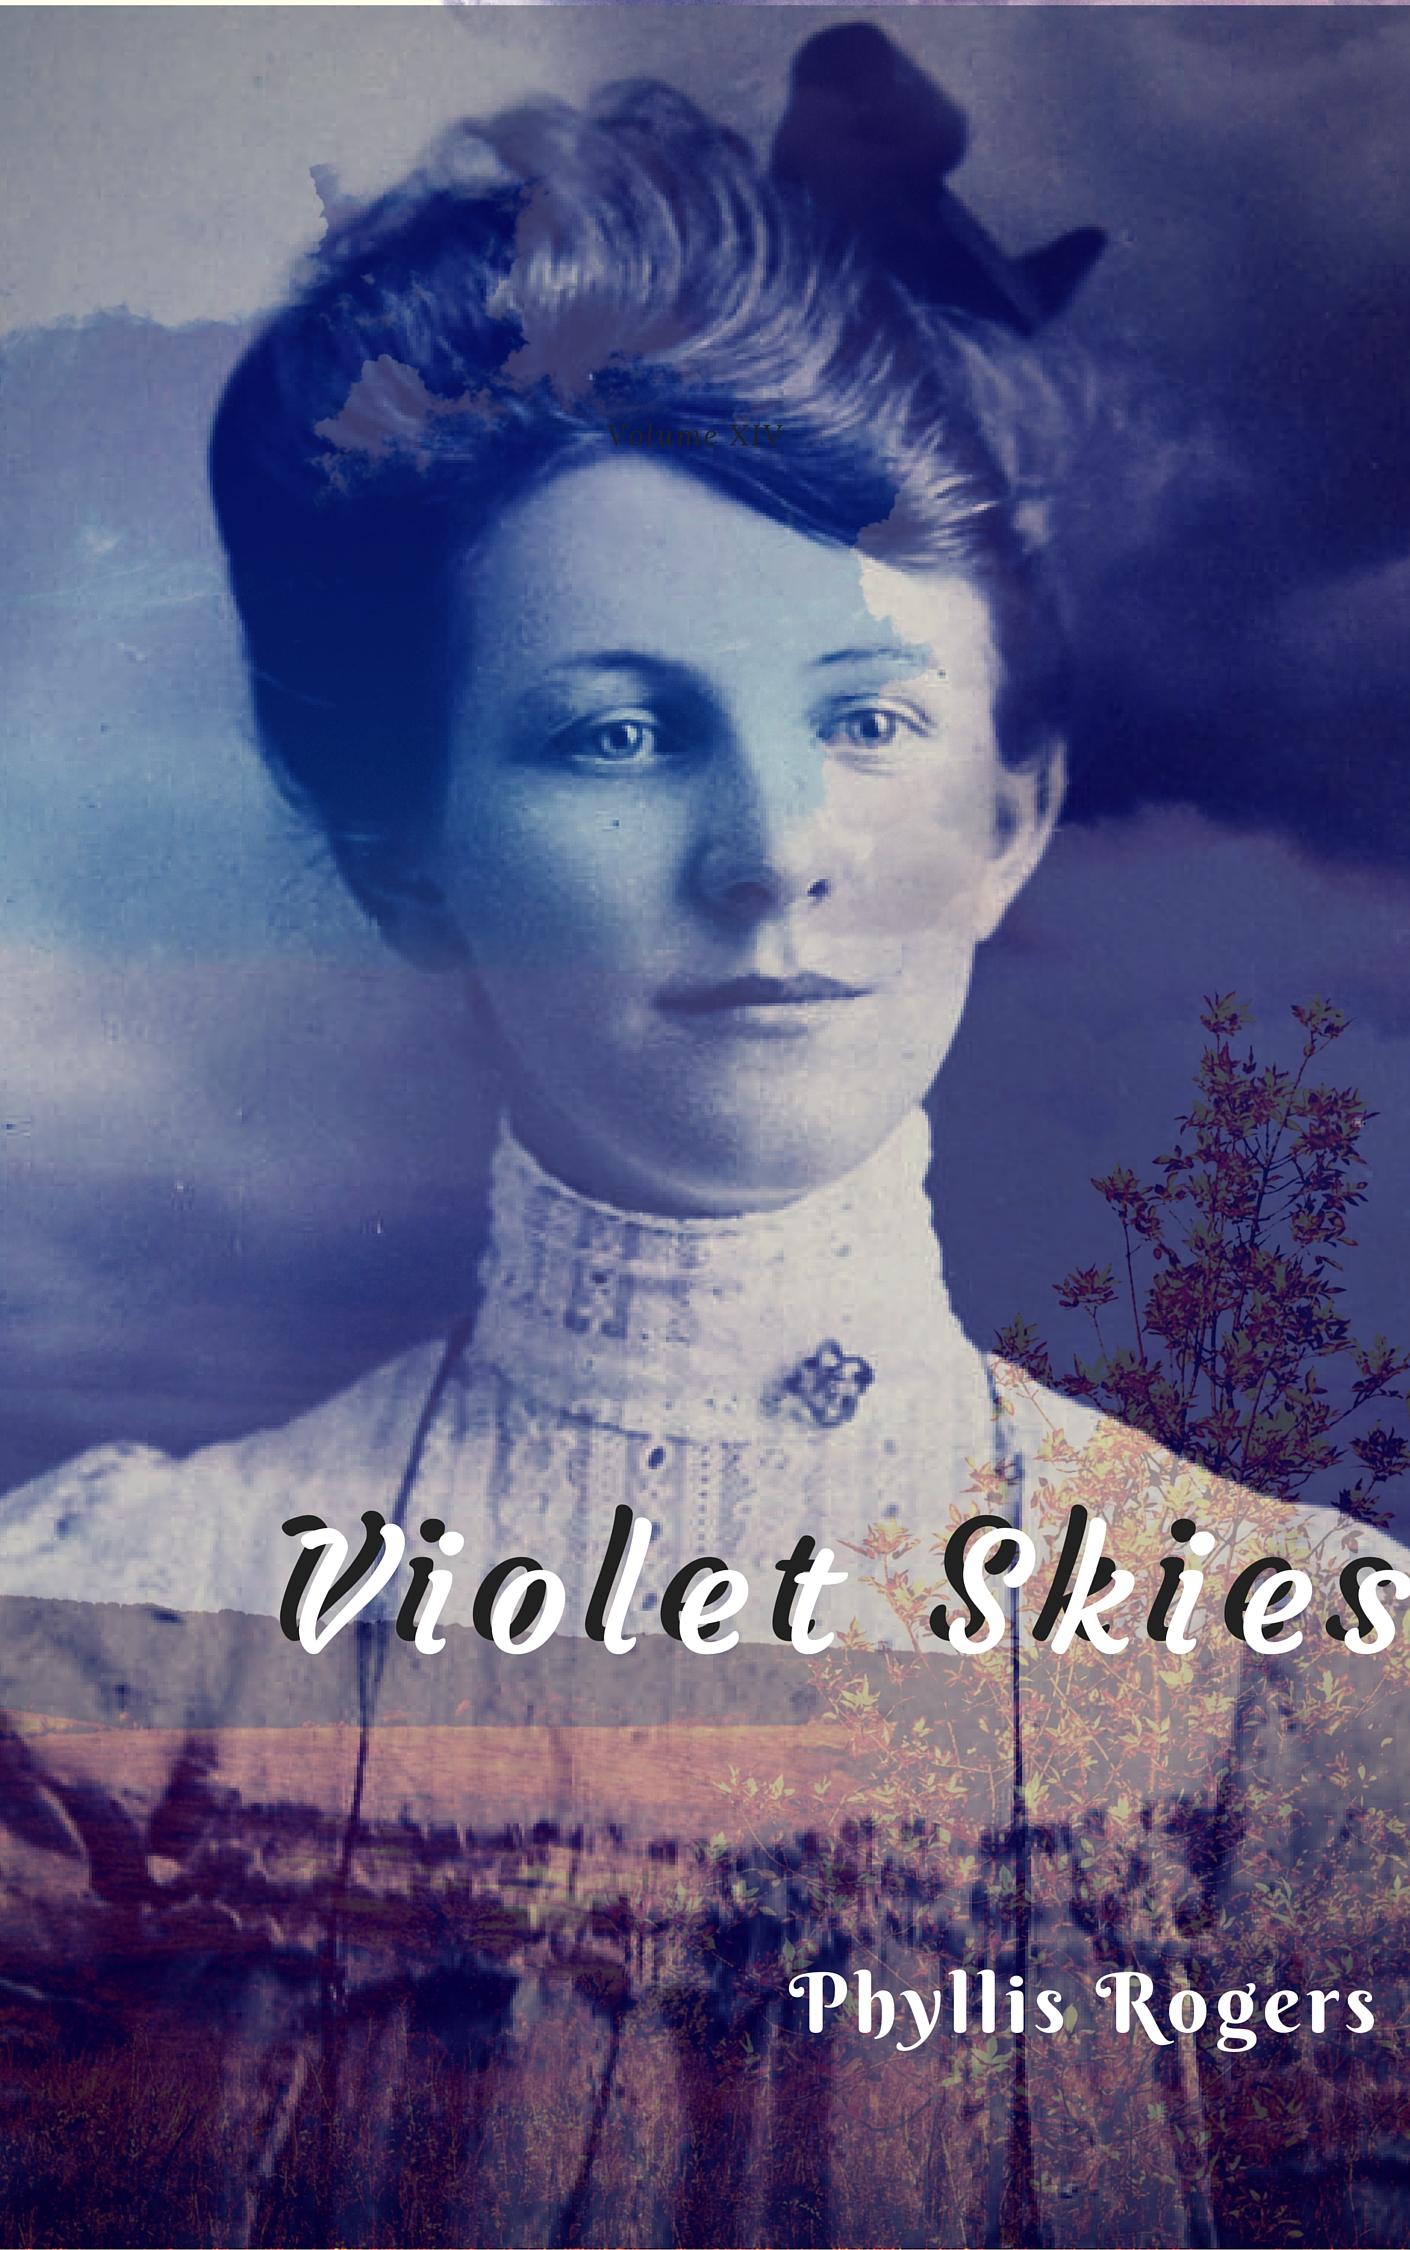 Violet Skies